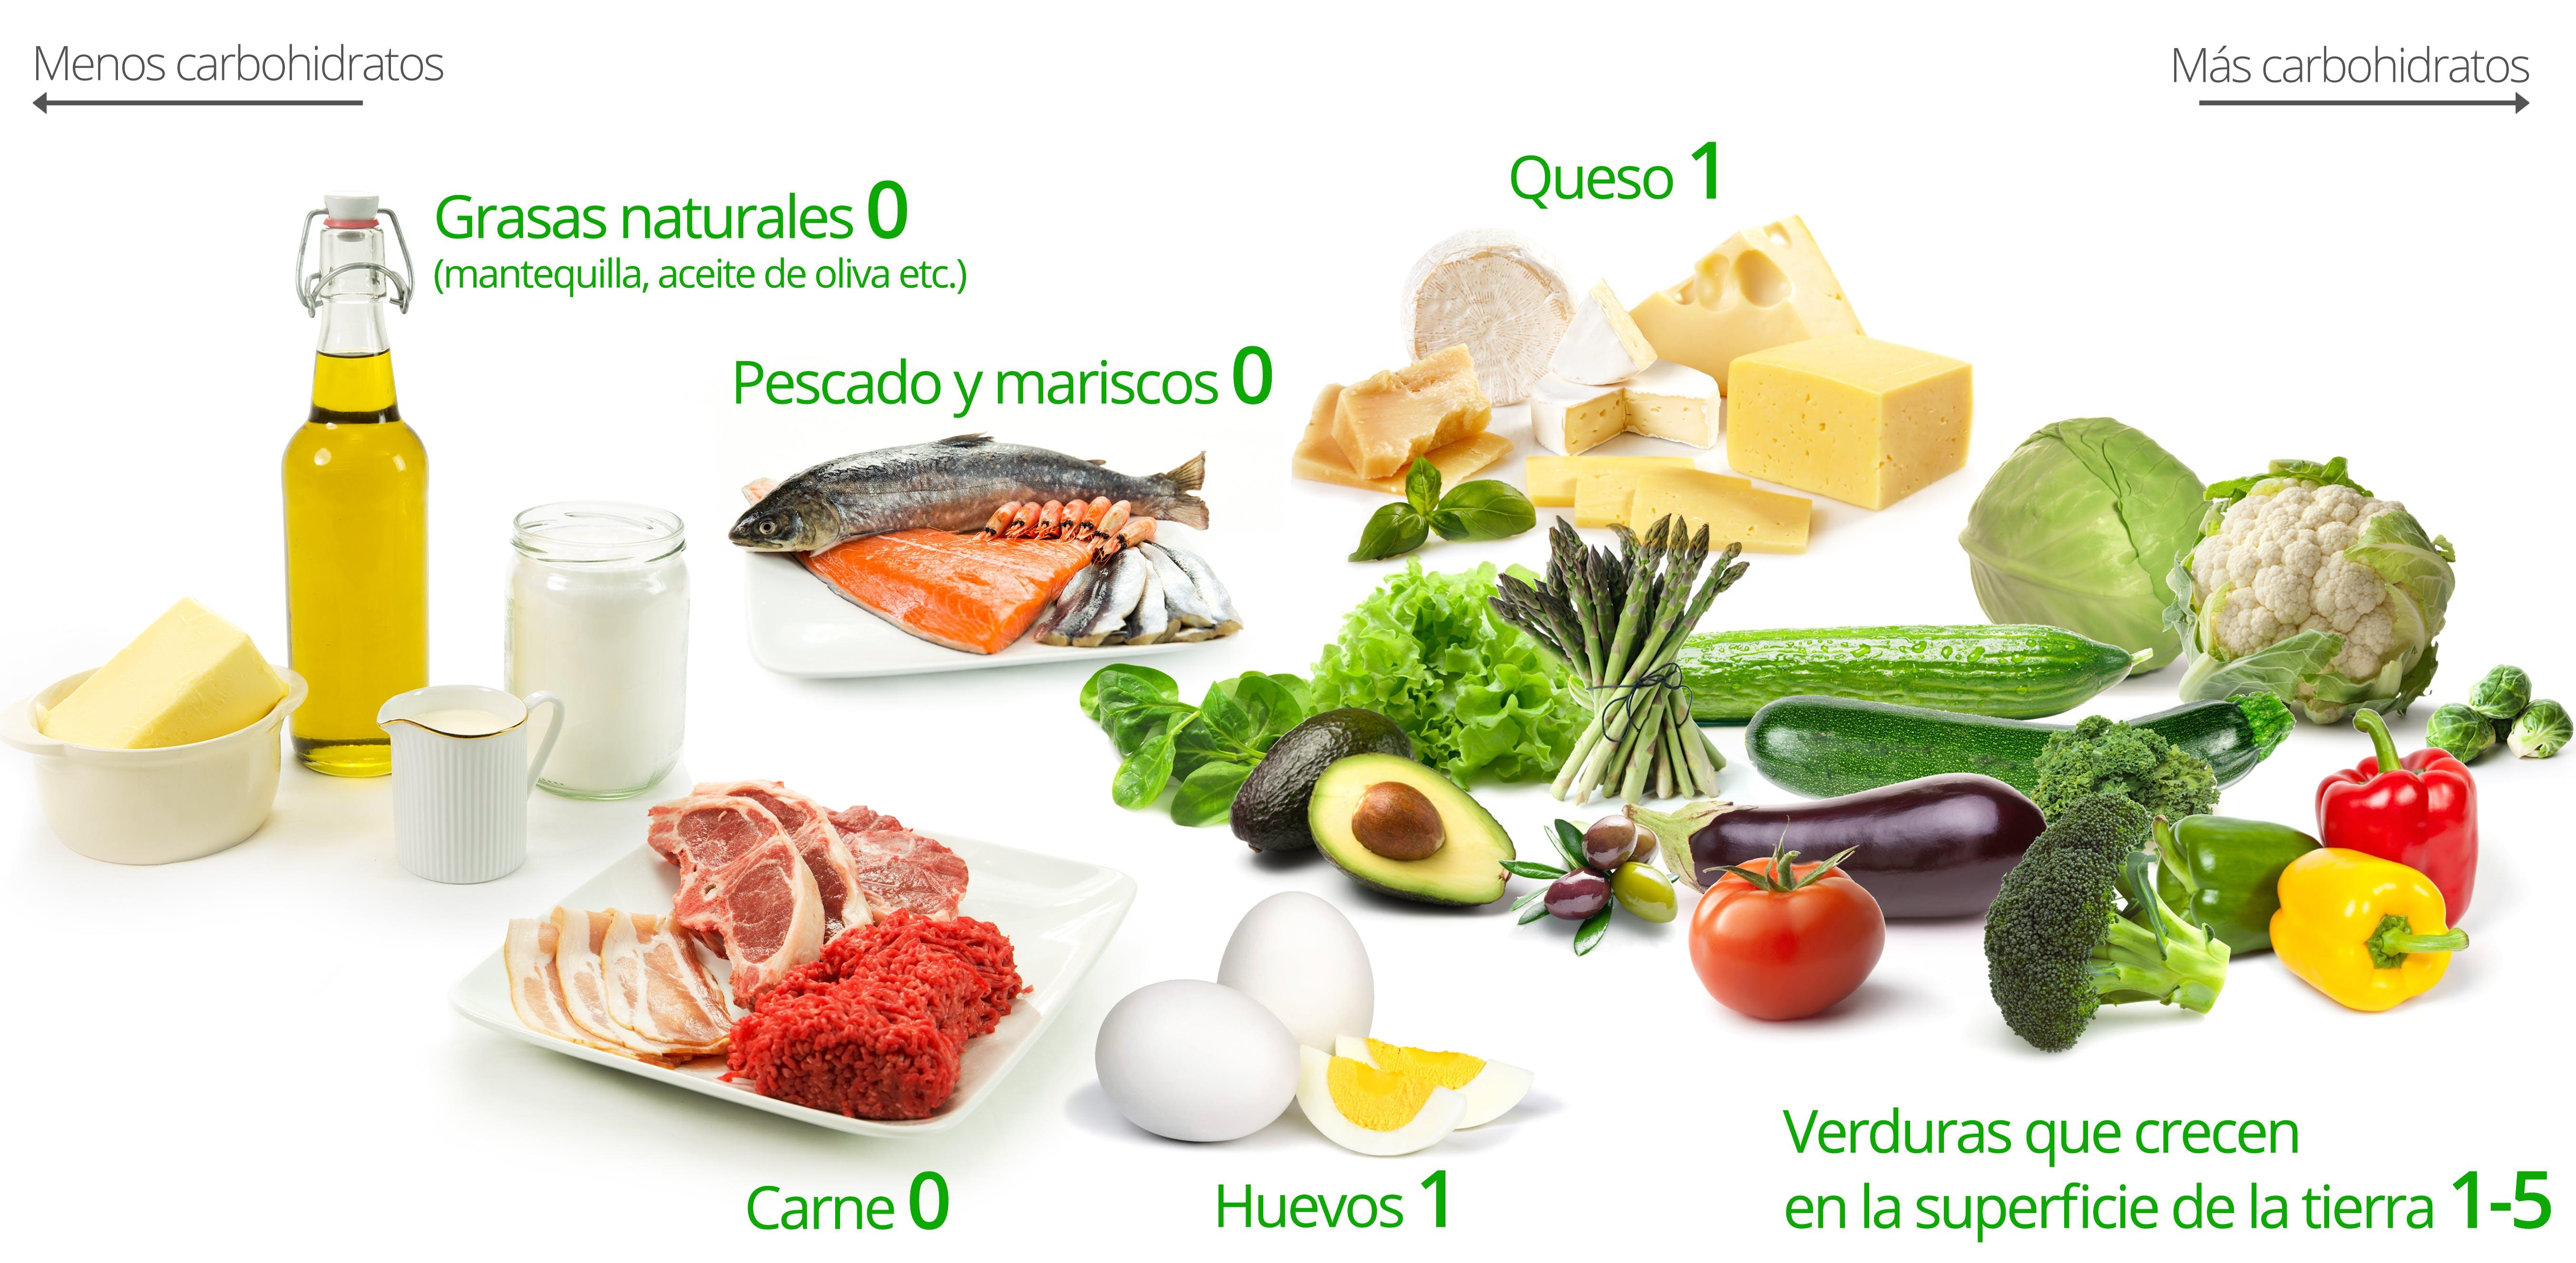 Alimentos dieta cetogénica: grasas naturales (mantequilla, aceite de oliva); carne; pescado y marisco; huevos; queso; verduras que crecen sobre la superficie